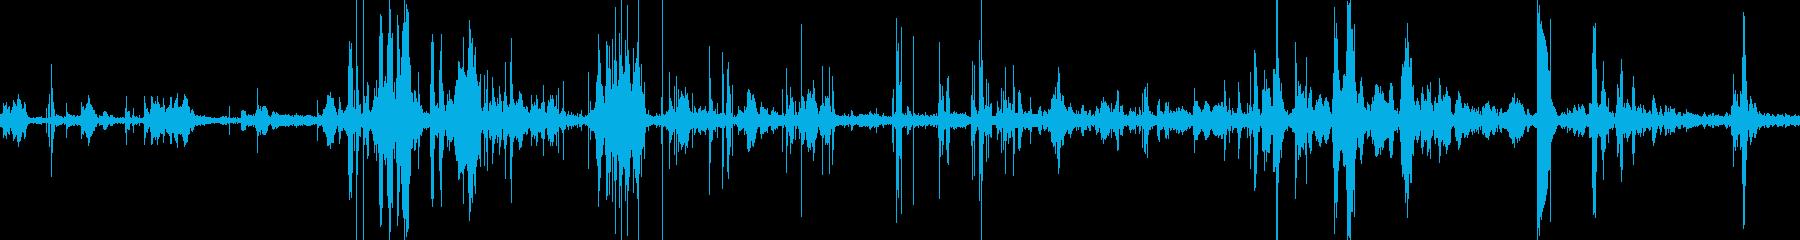 ピットブルドッグヘビーブリージング...の再生済みの波形